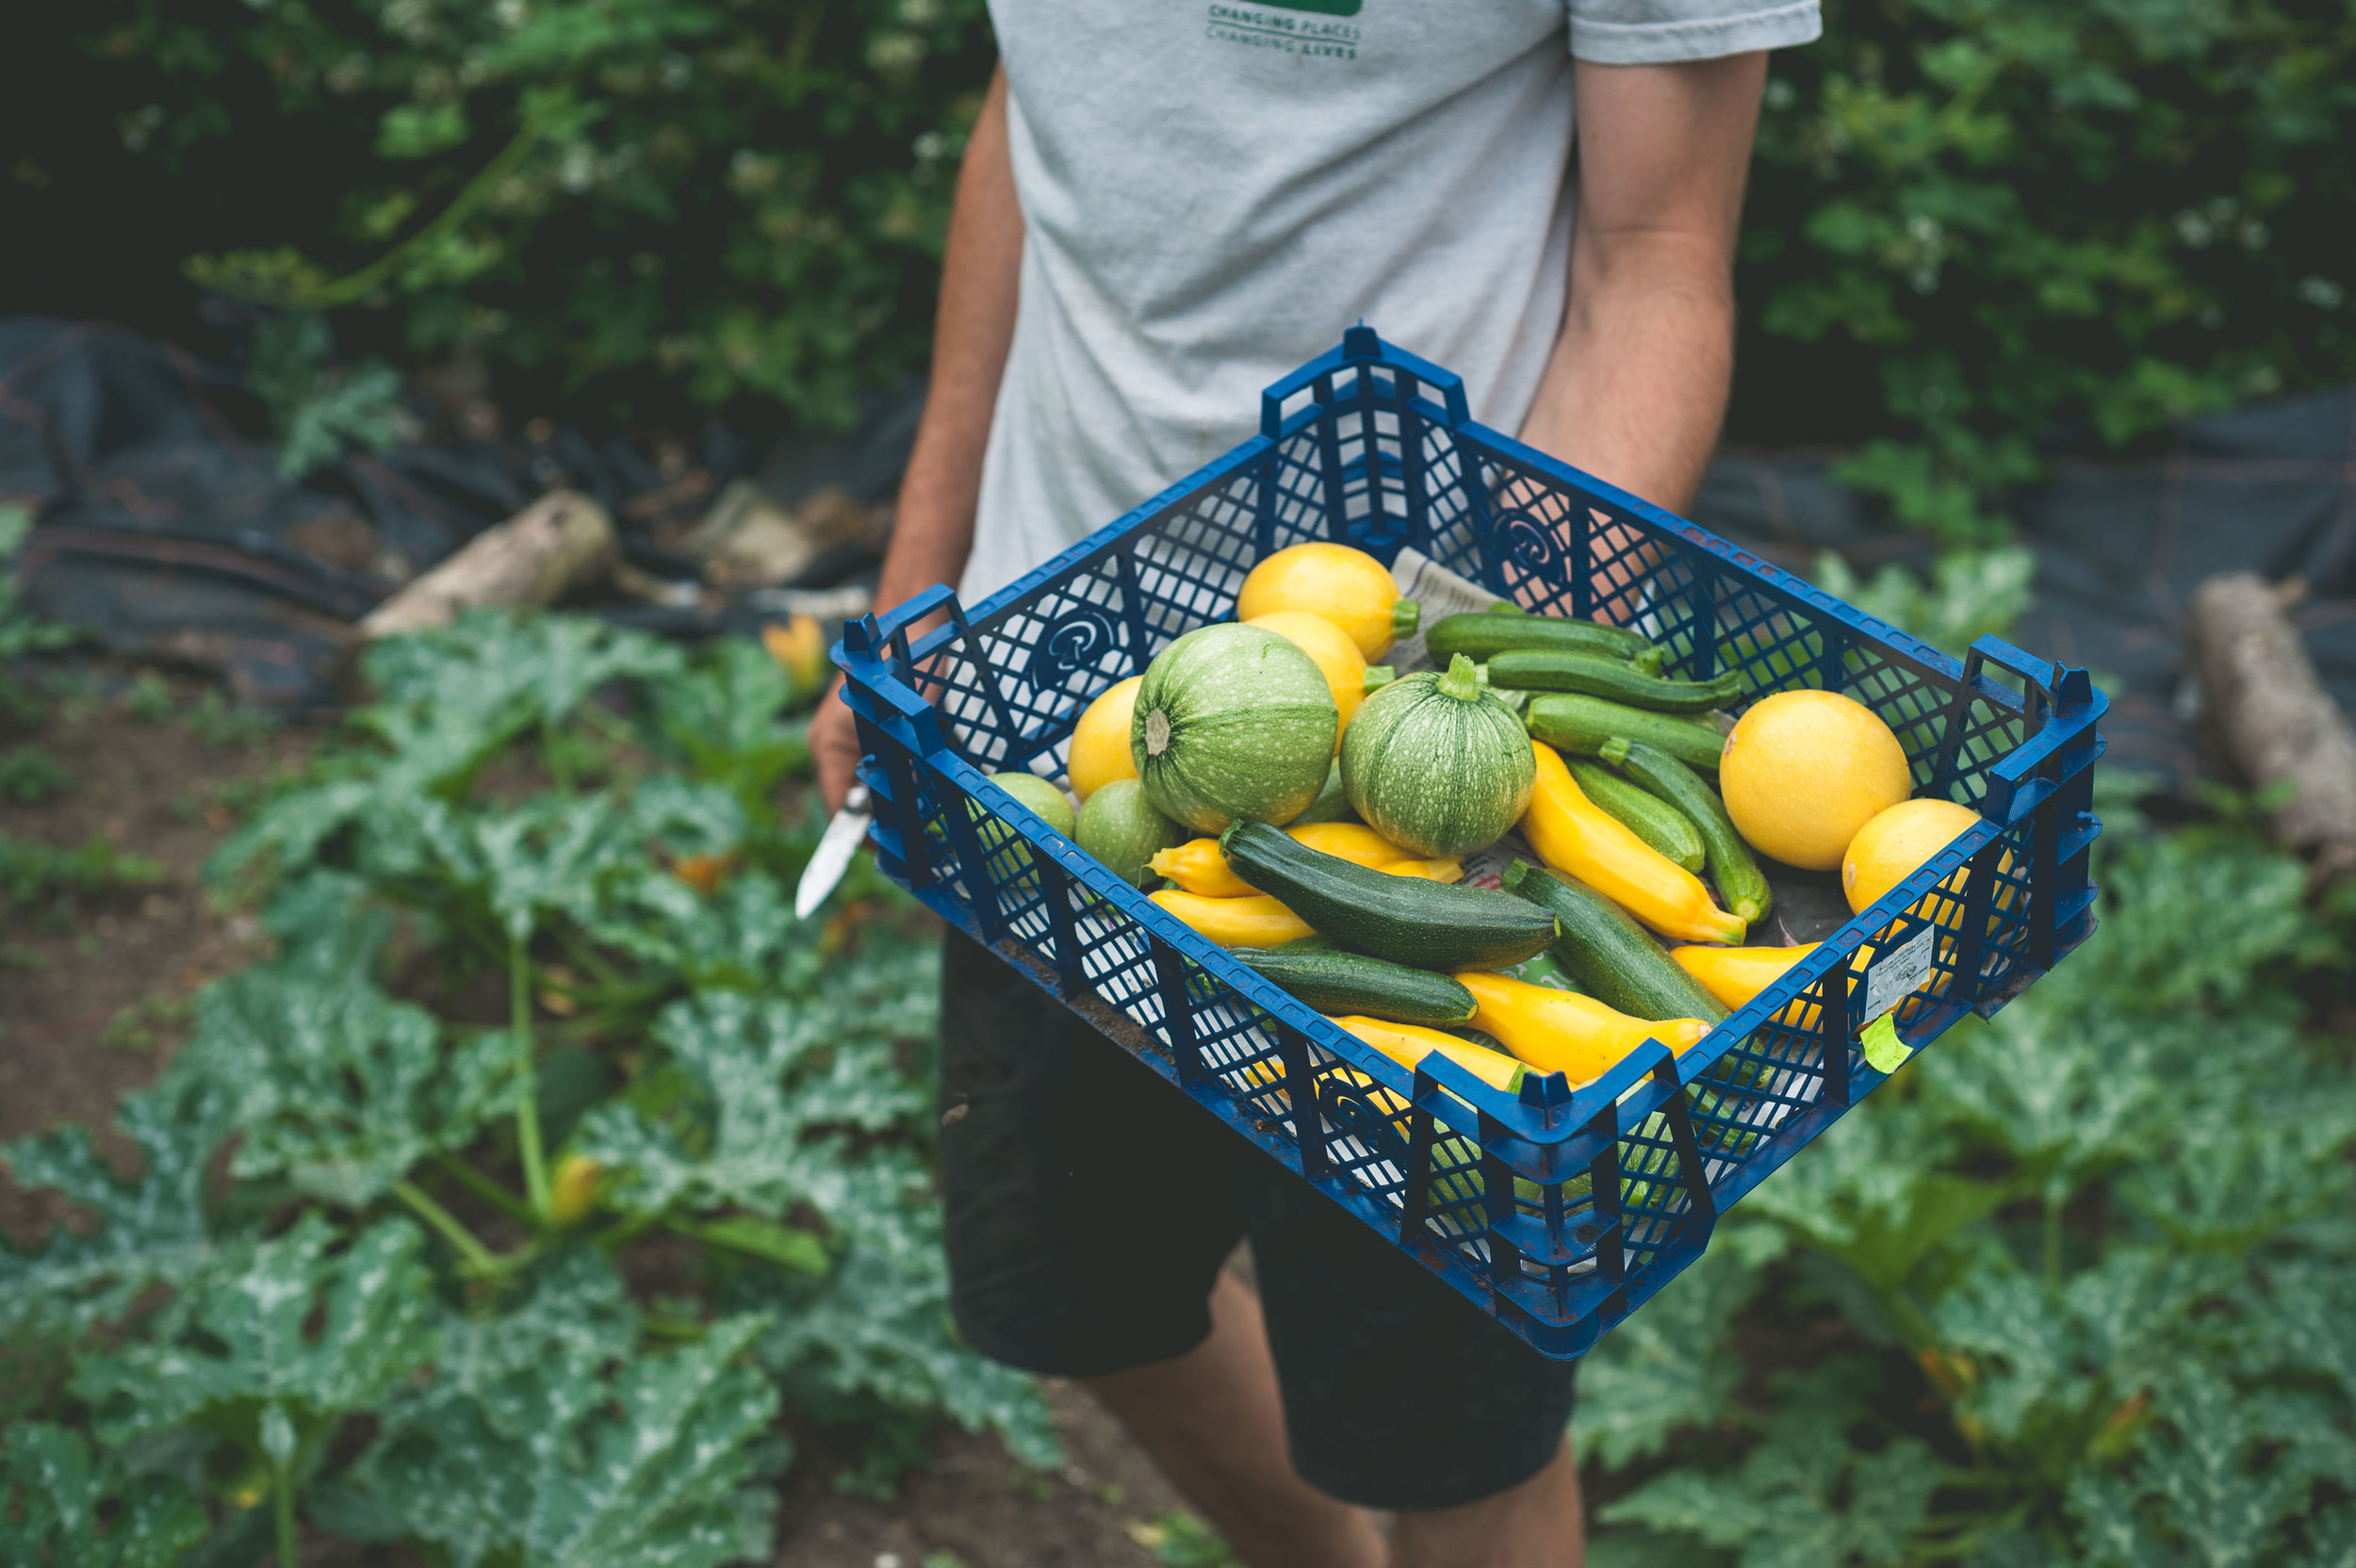 keats-organics-vegetable-harvest.jpg